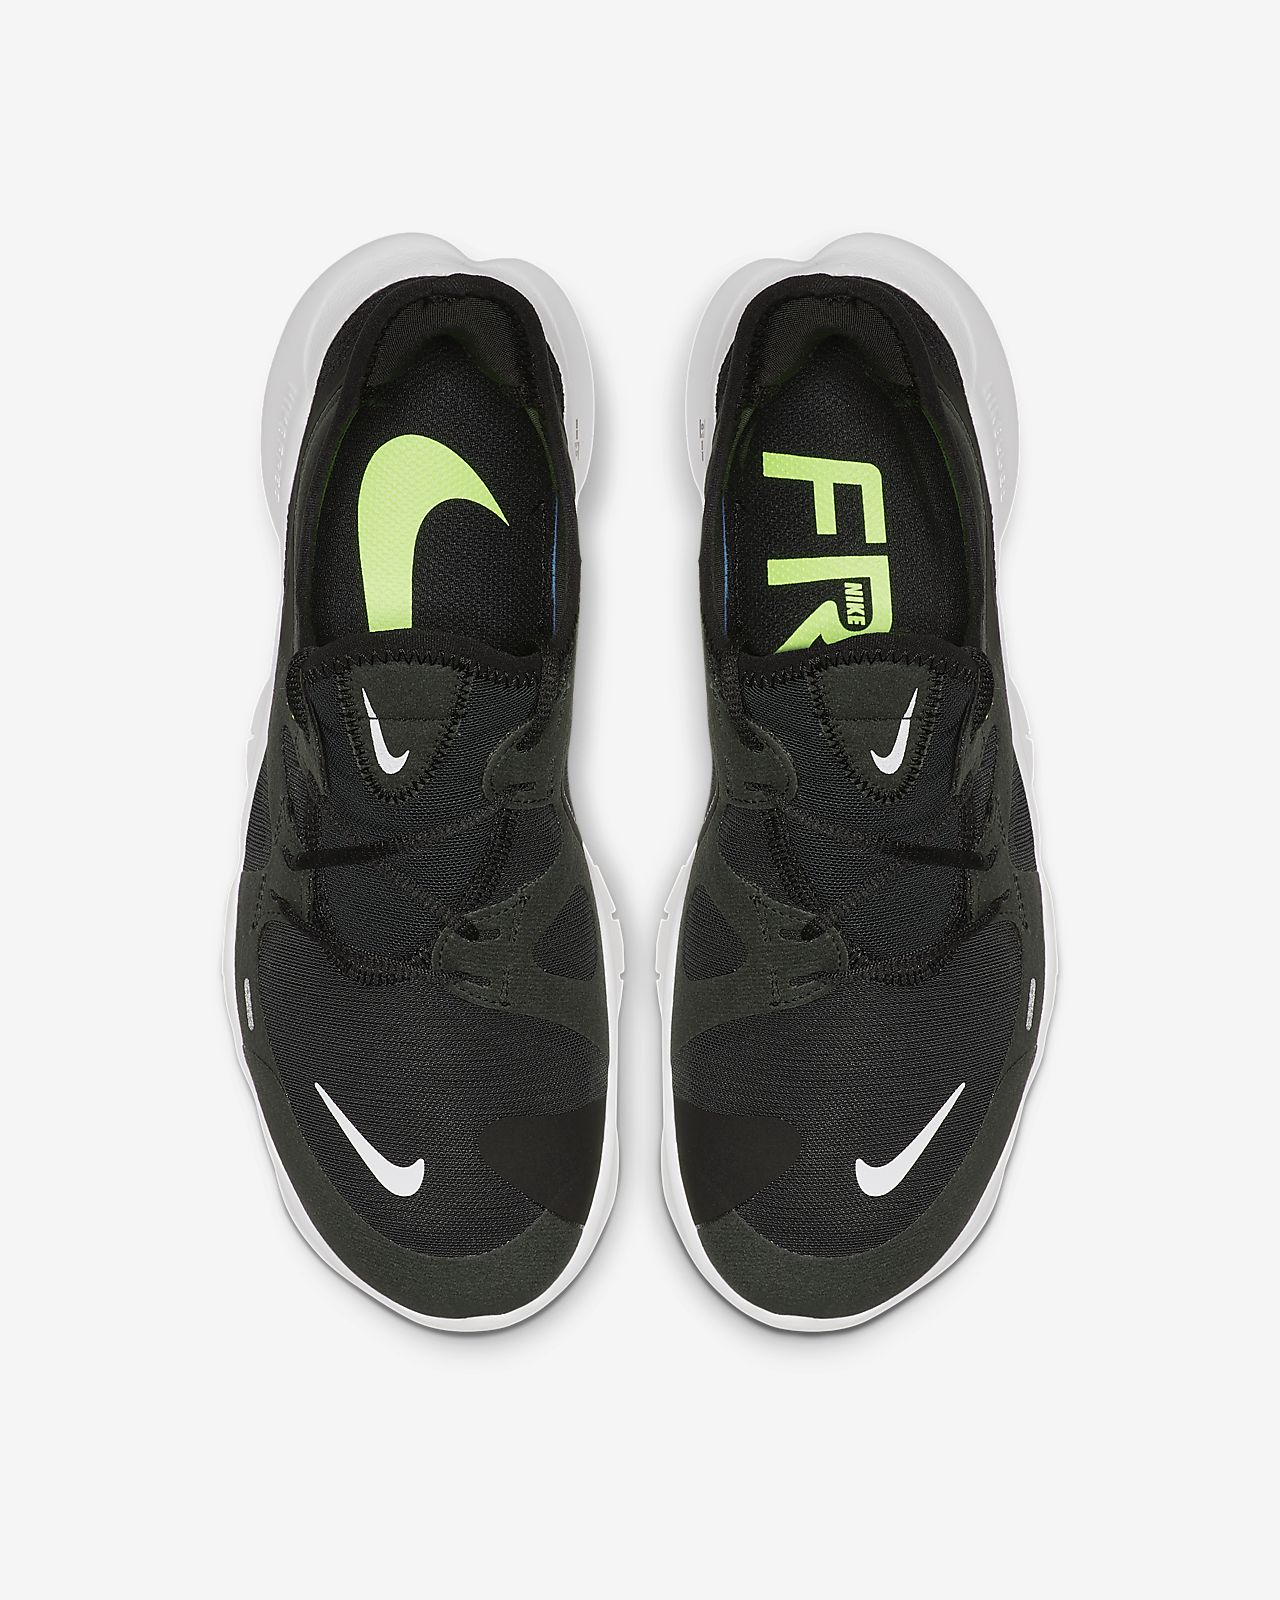 separation shoes e6603 048e3 ... Nike Free RN 5.0 Women s Running Shoe